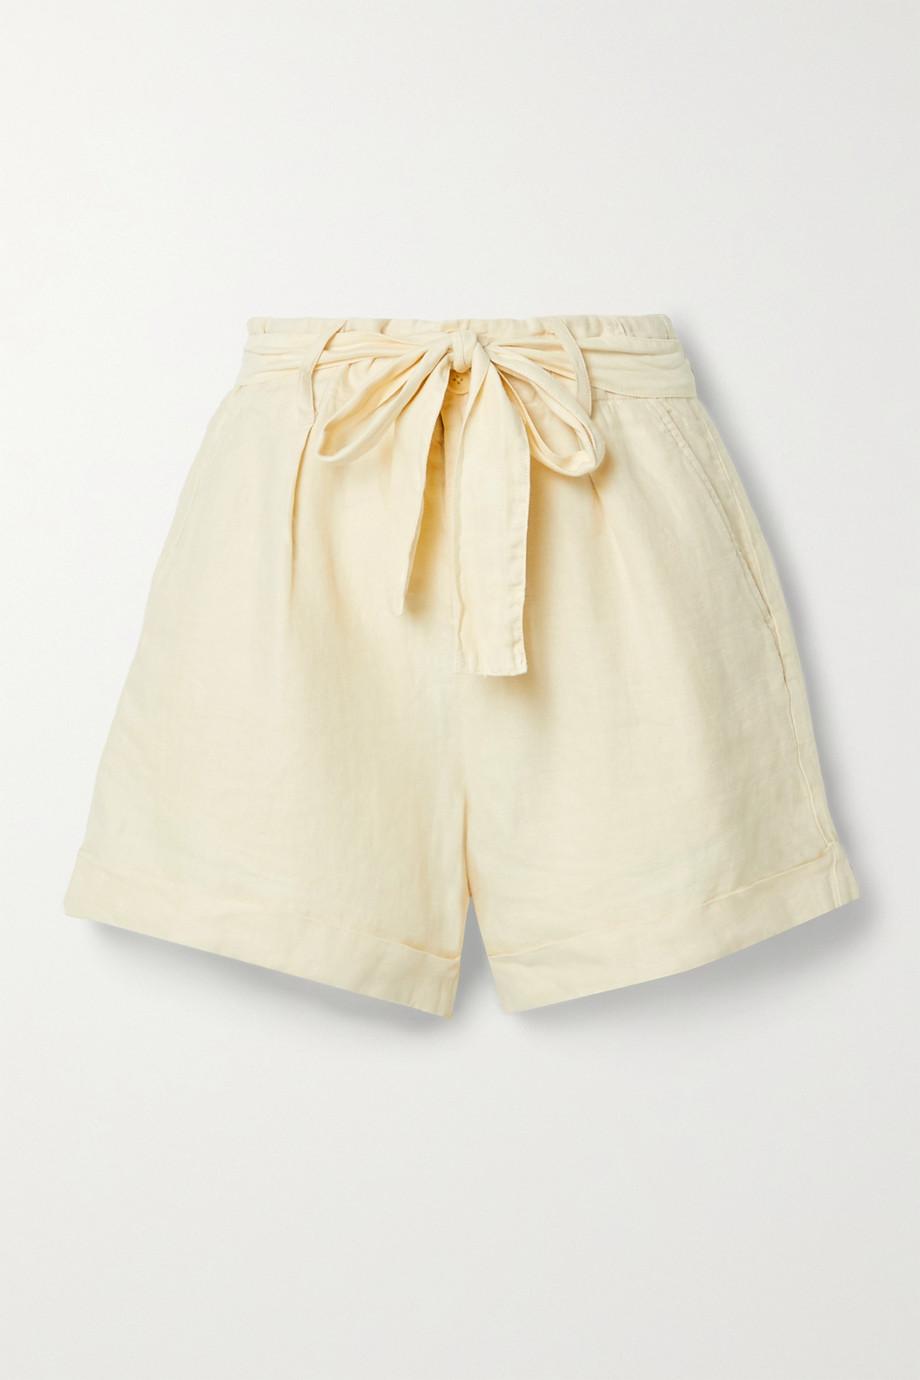 Alex Mill Avery 配腰带褶裥亚麻短裤